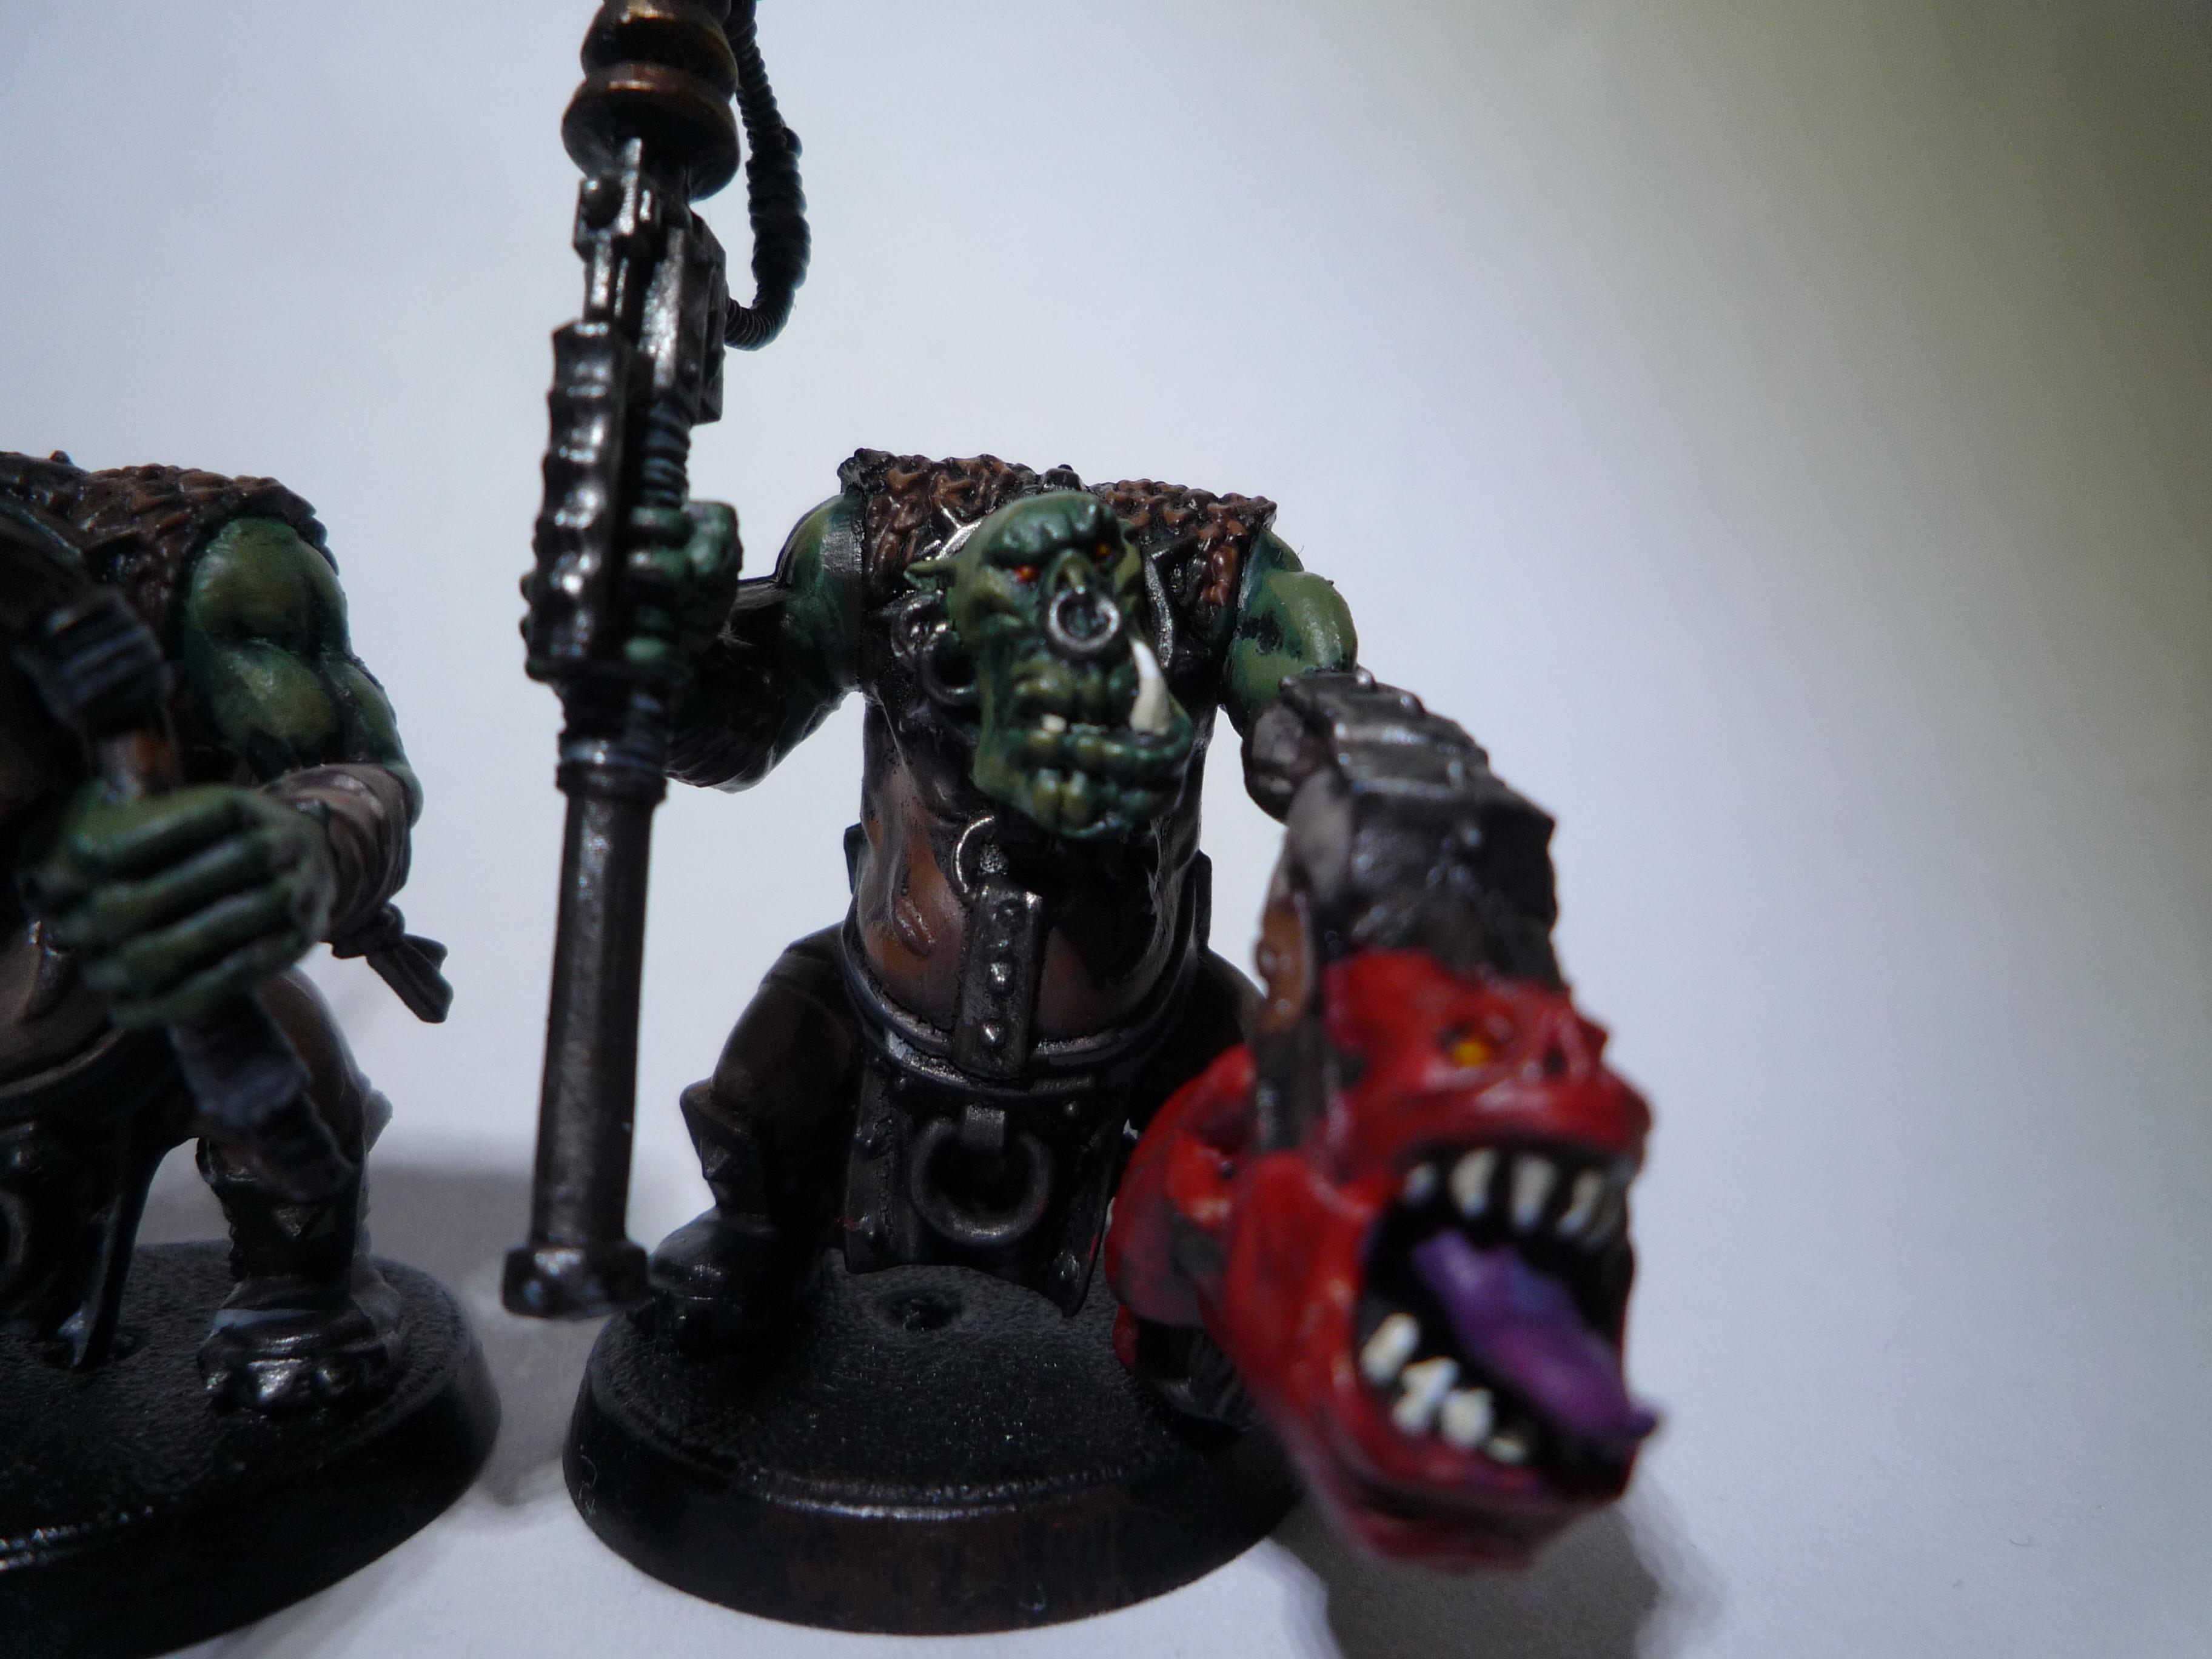 Orks, Runtherd, Warhammer 40,000